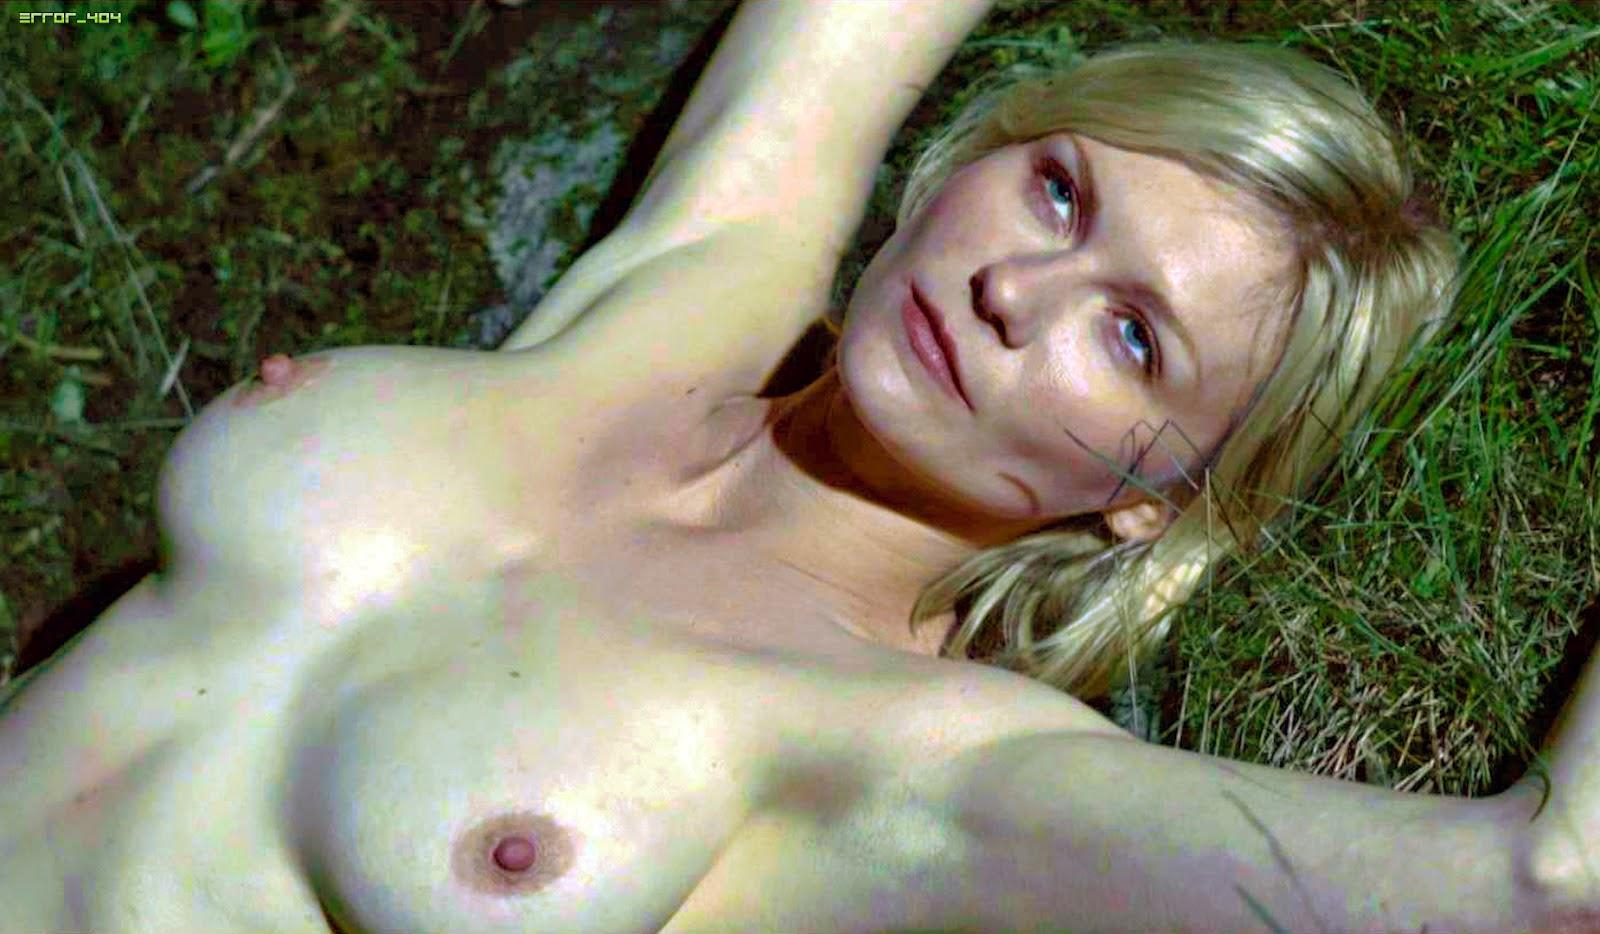 kirsten dunst in the nude